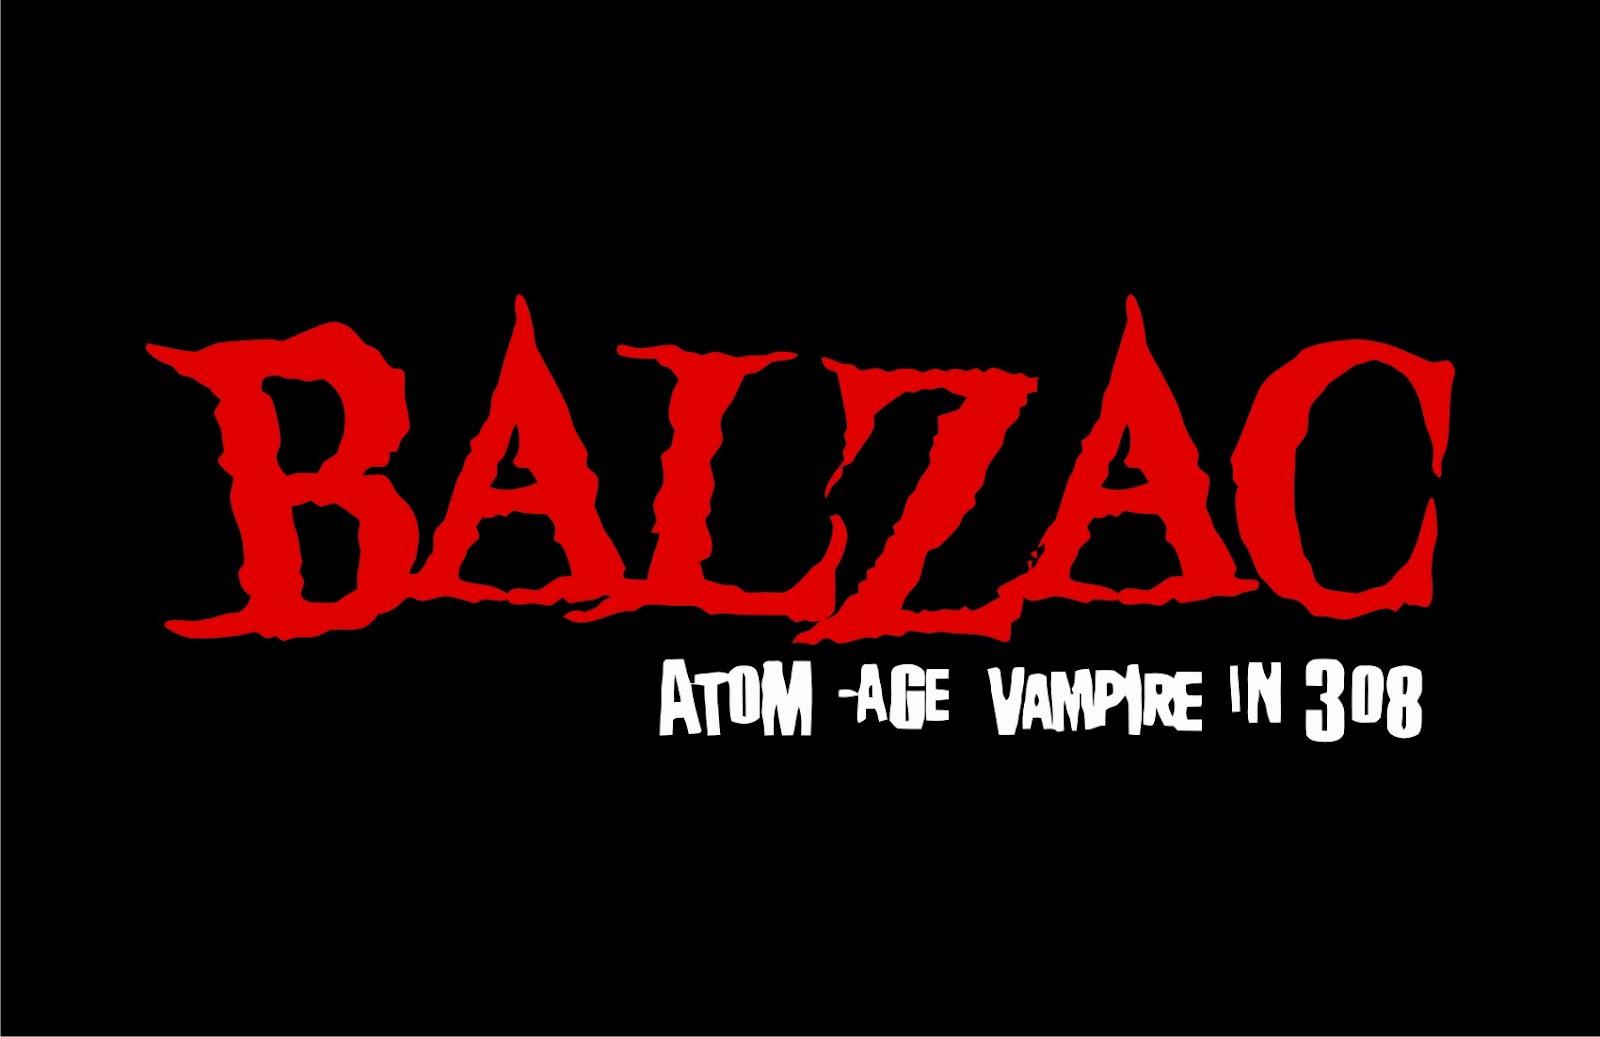 balzac-atom_age_vampire_in_308_front_vector